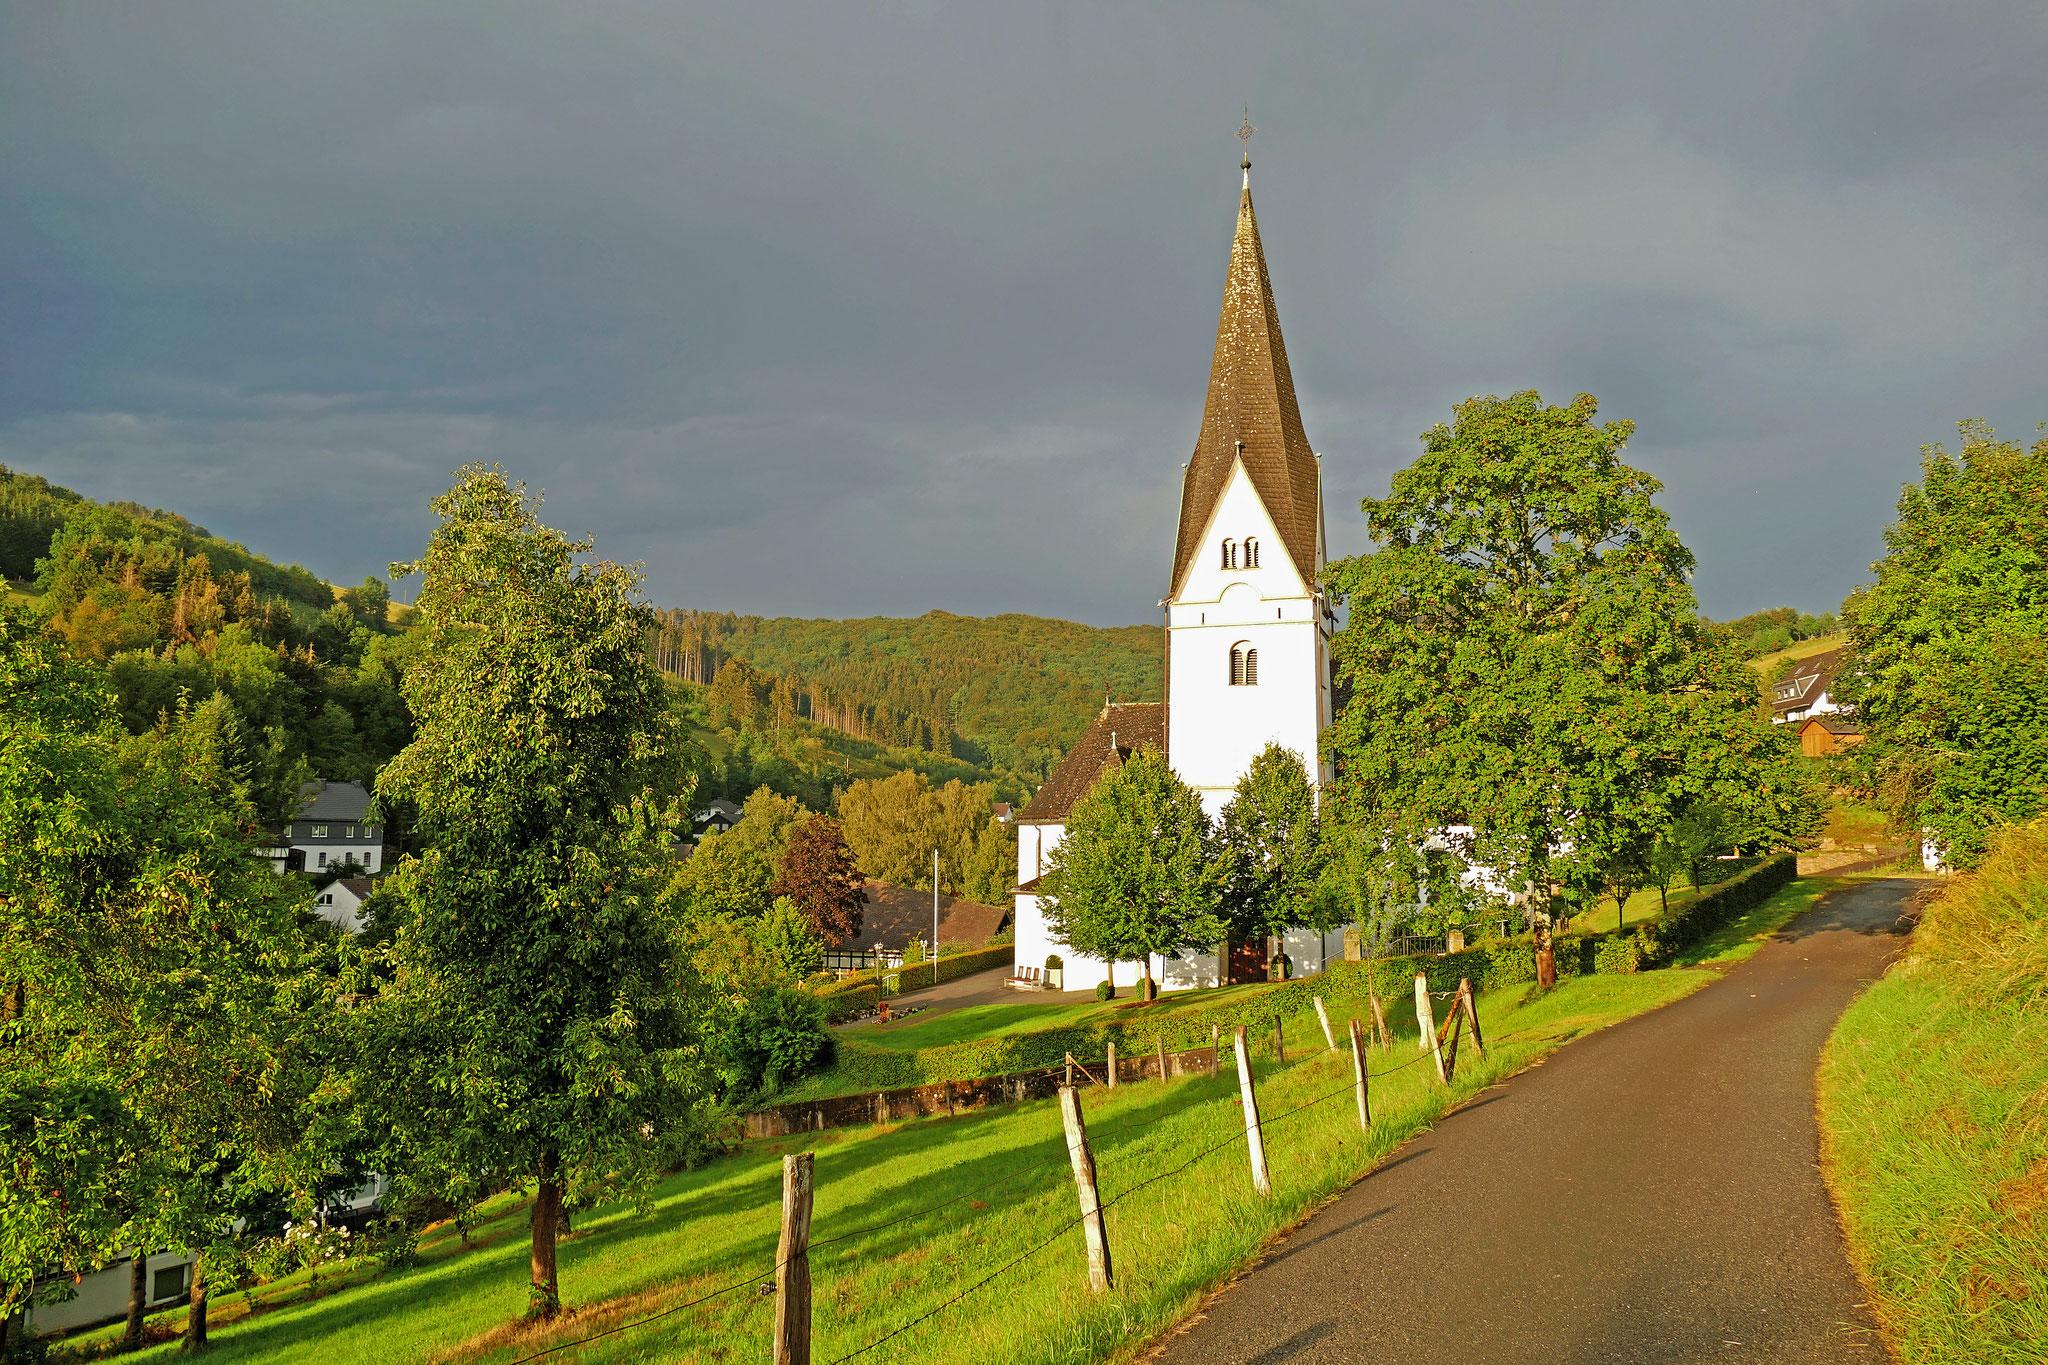 Meinolf Riekes - Kirche nach dem Regenschauer - August 2020